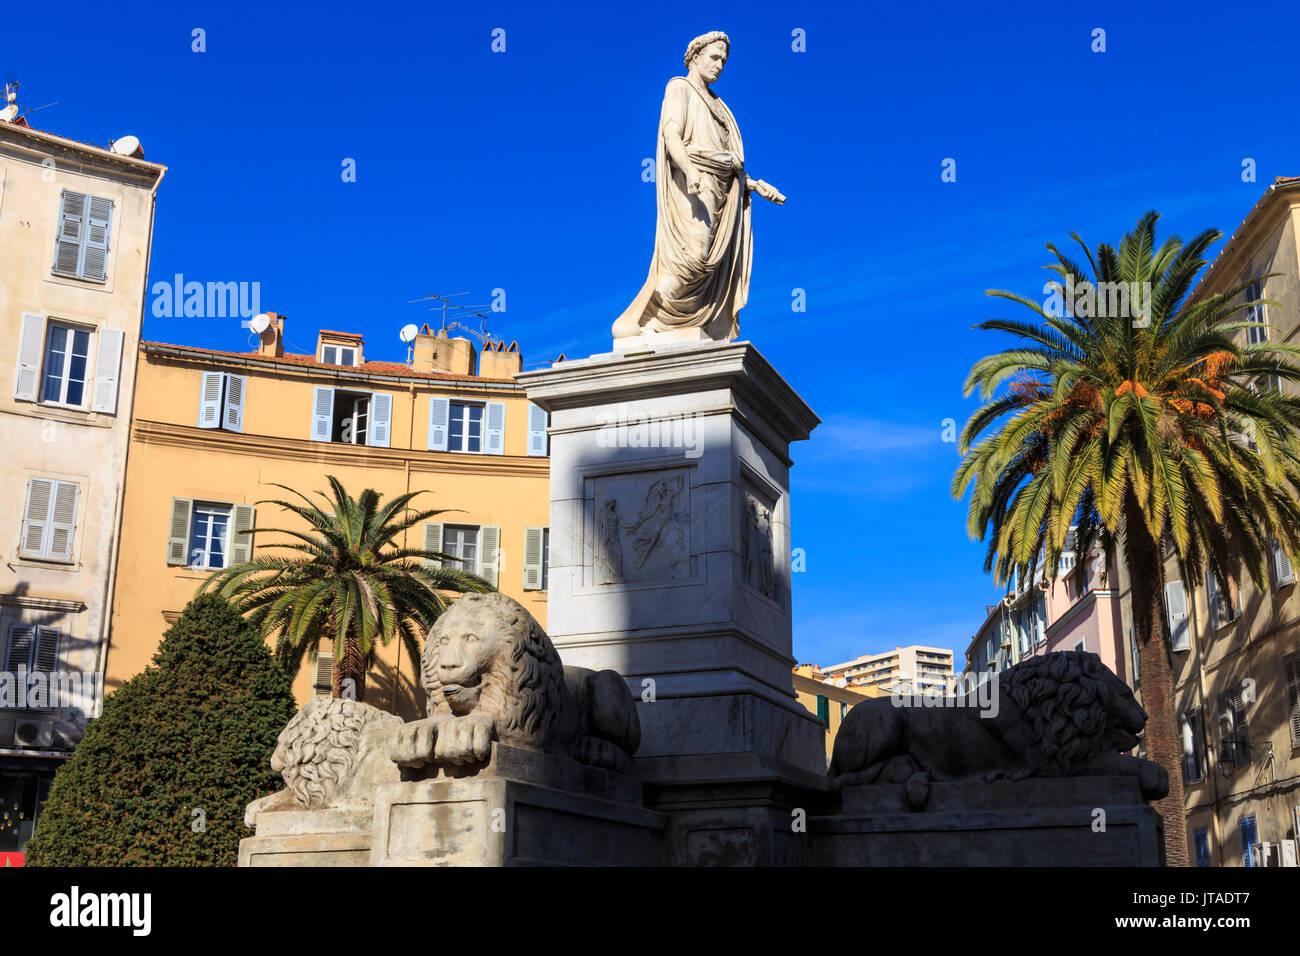 Estatua de Napoleón como emperador romano, con leones y palmeras, edificios de color pastel, Place Foch, Ajaccio, Isla de Córcega, Francia, Europa Imagen De Stock